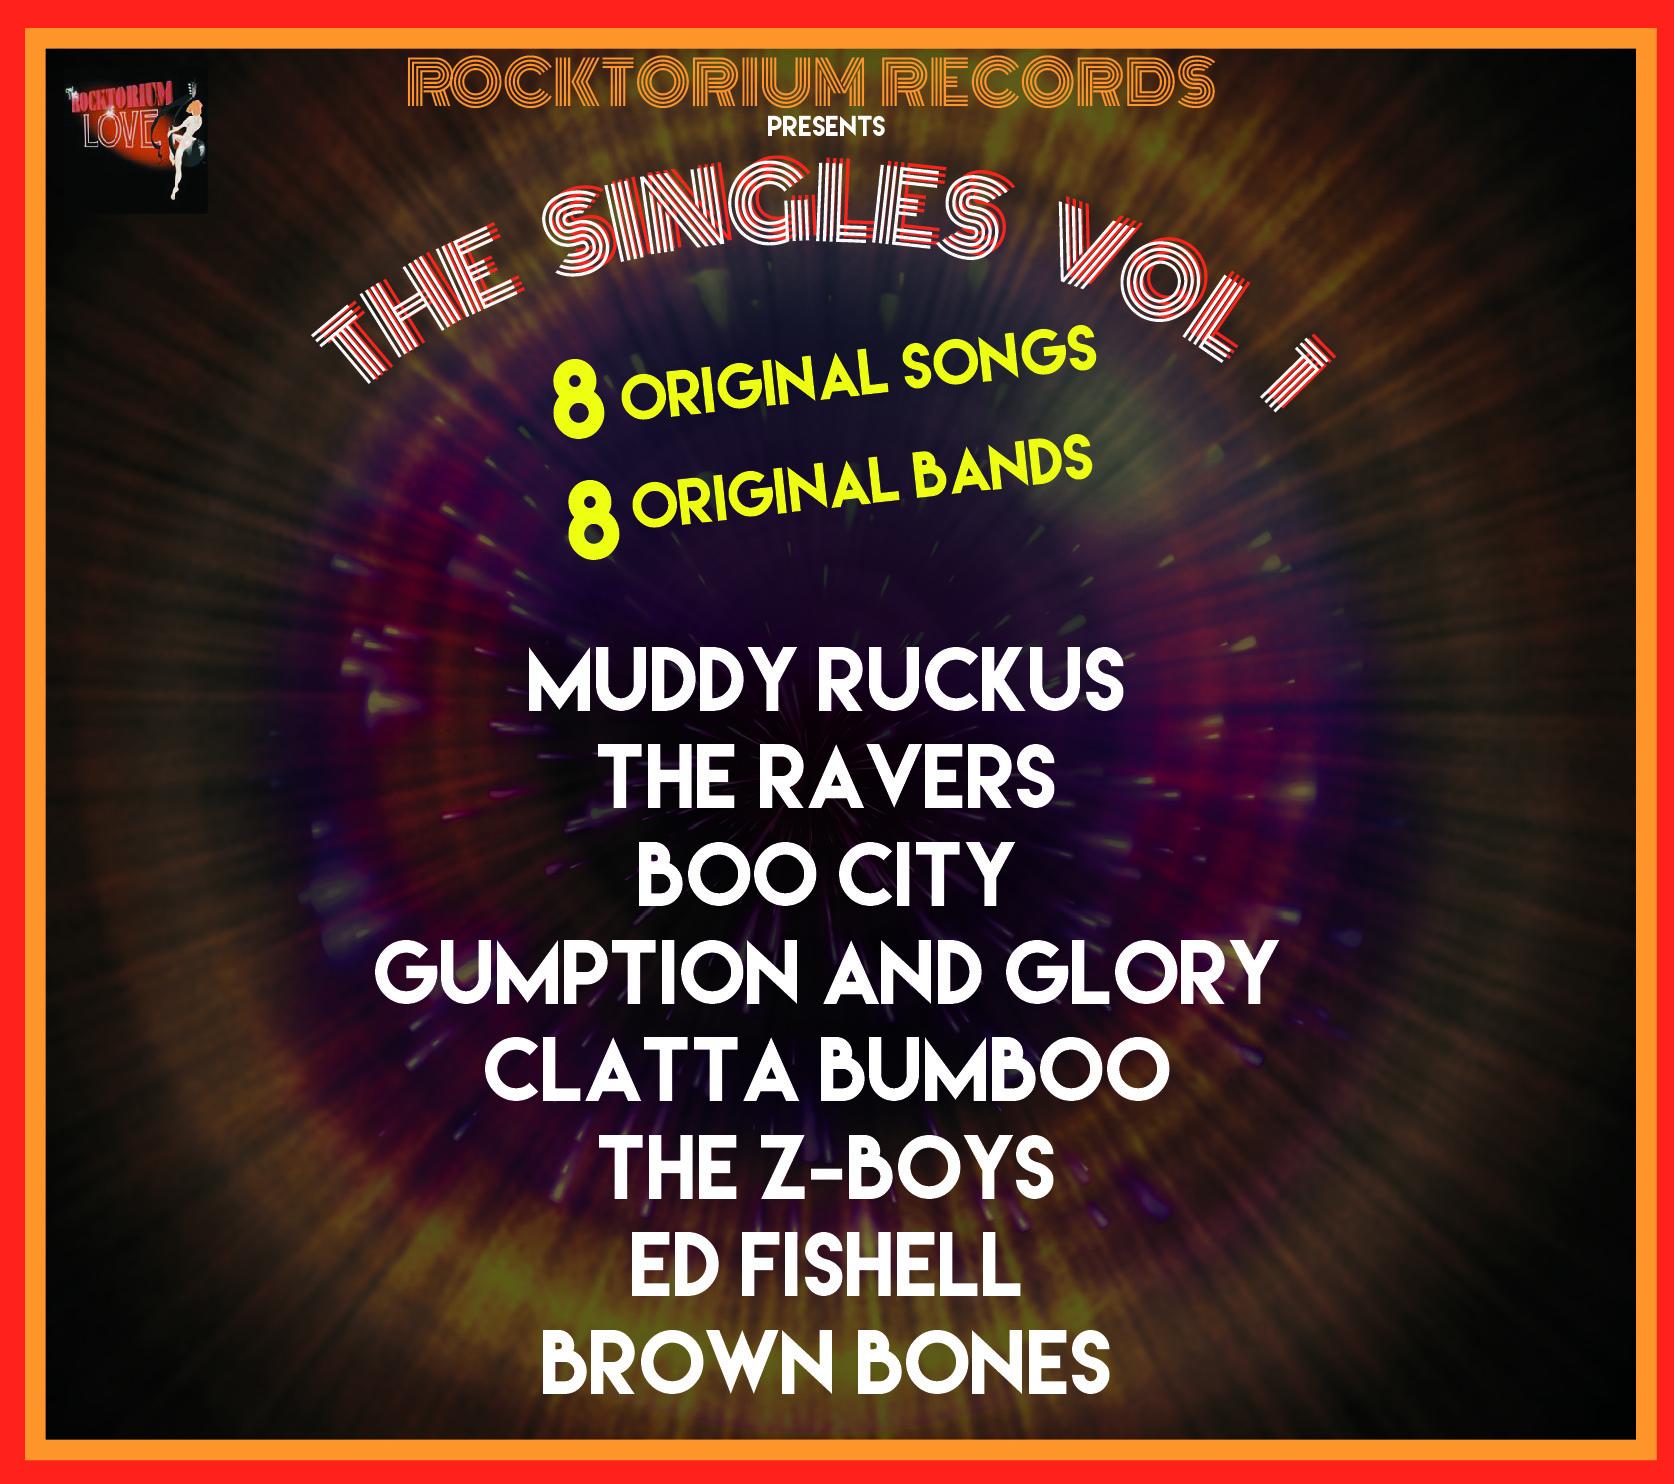 The Singles V1 CD